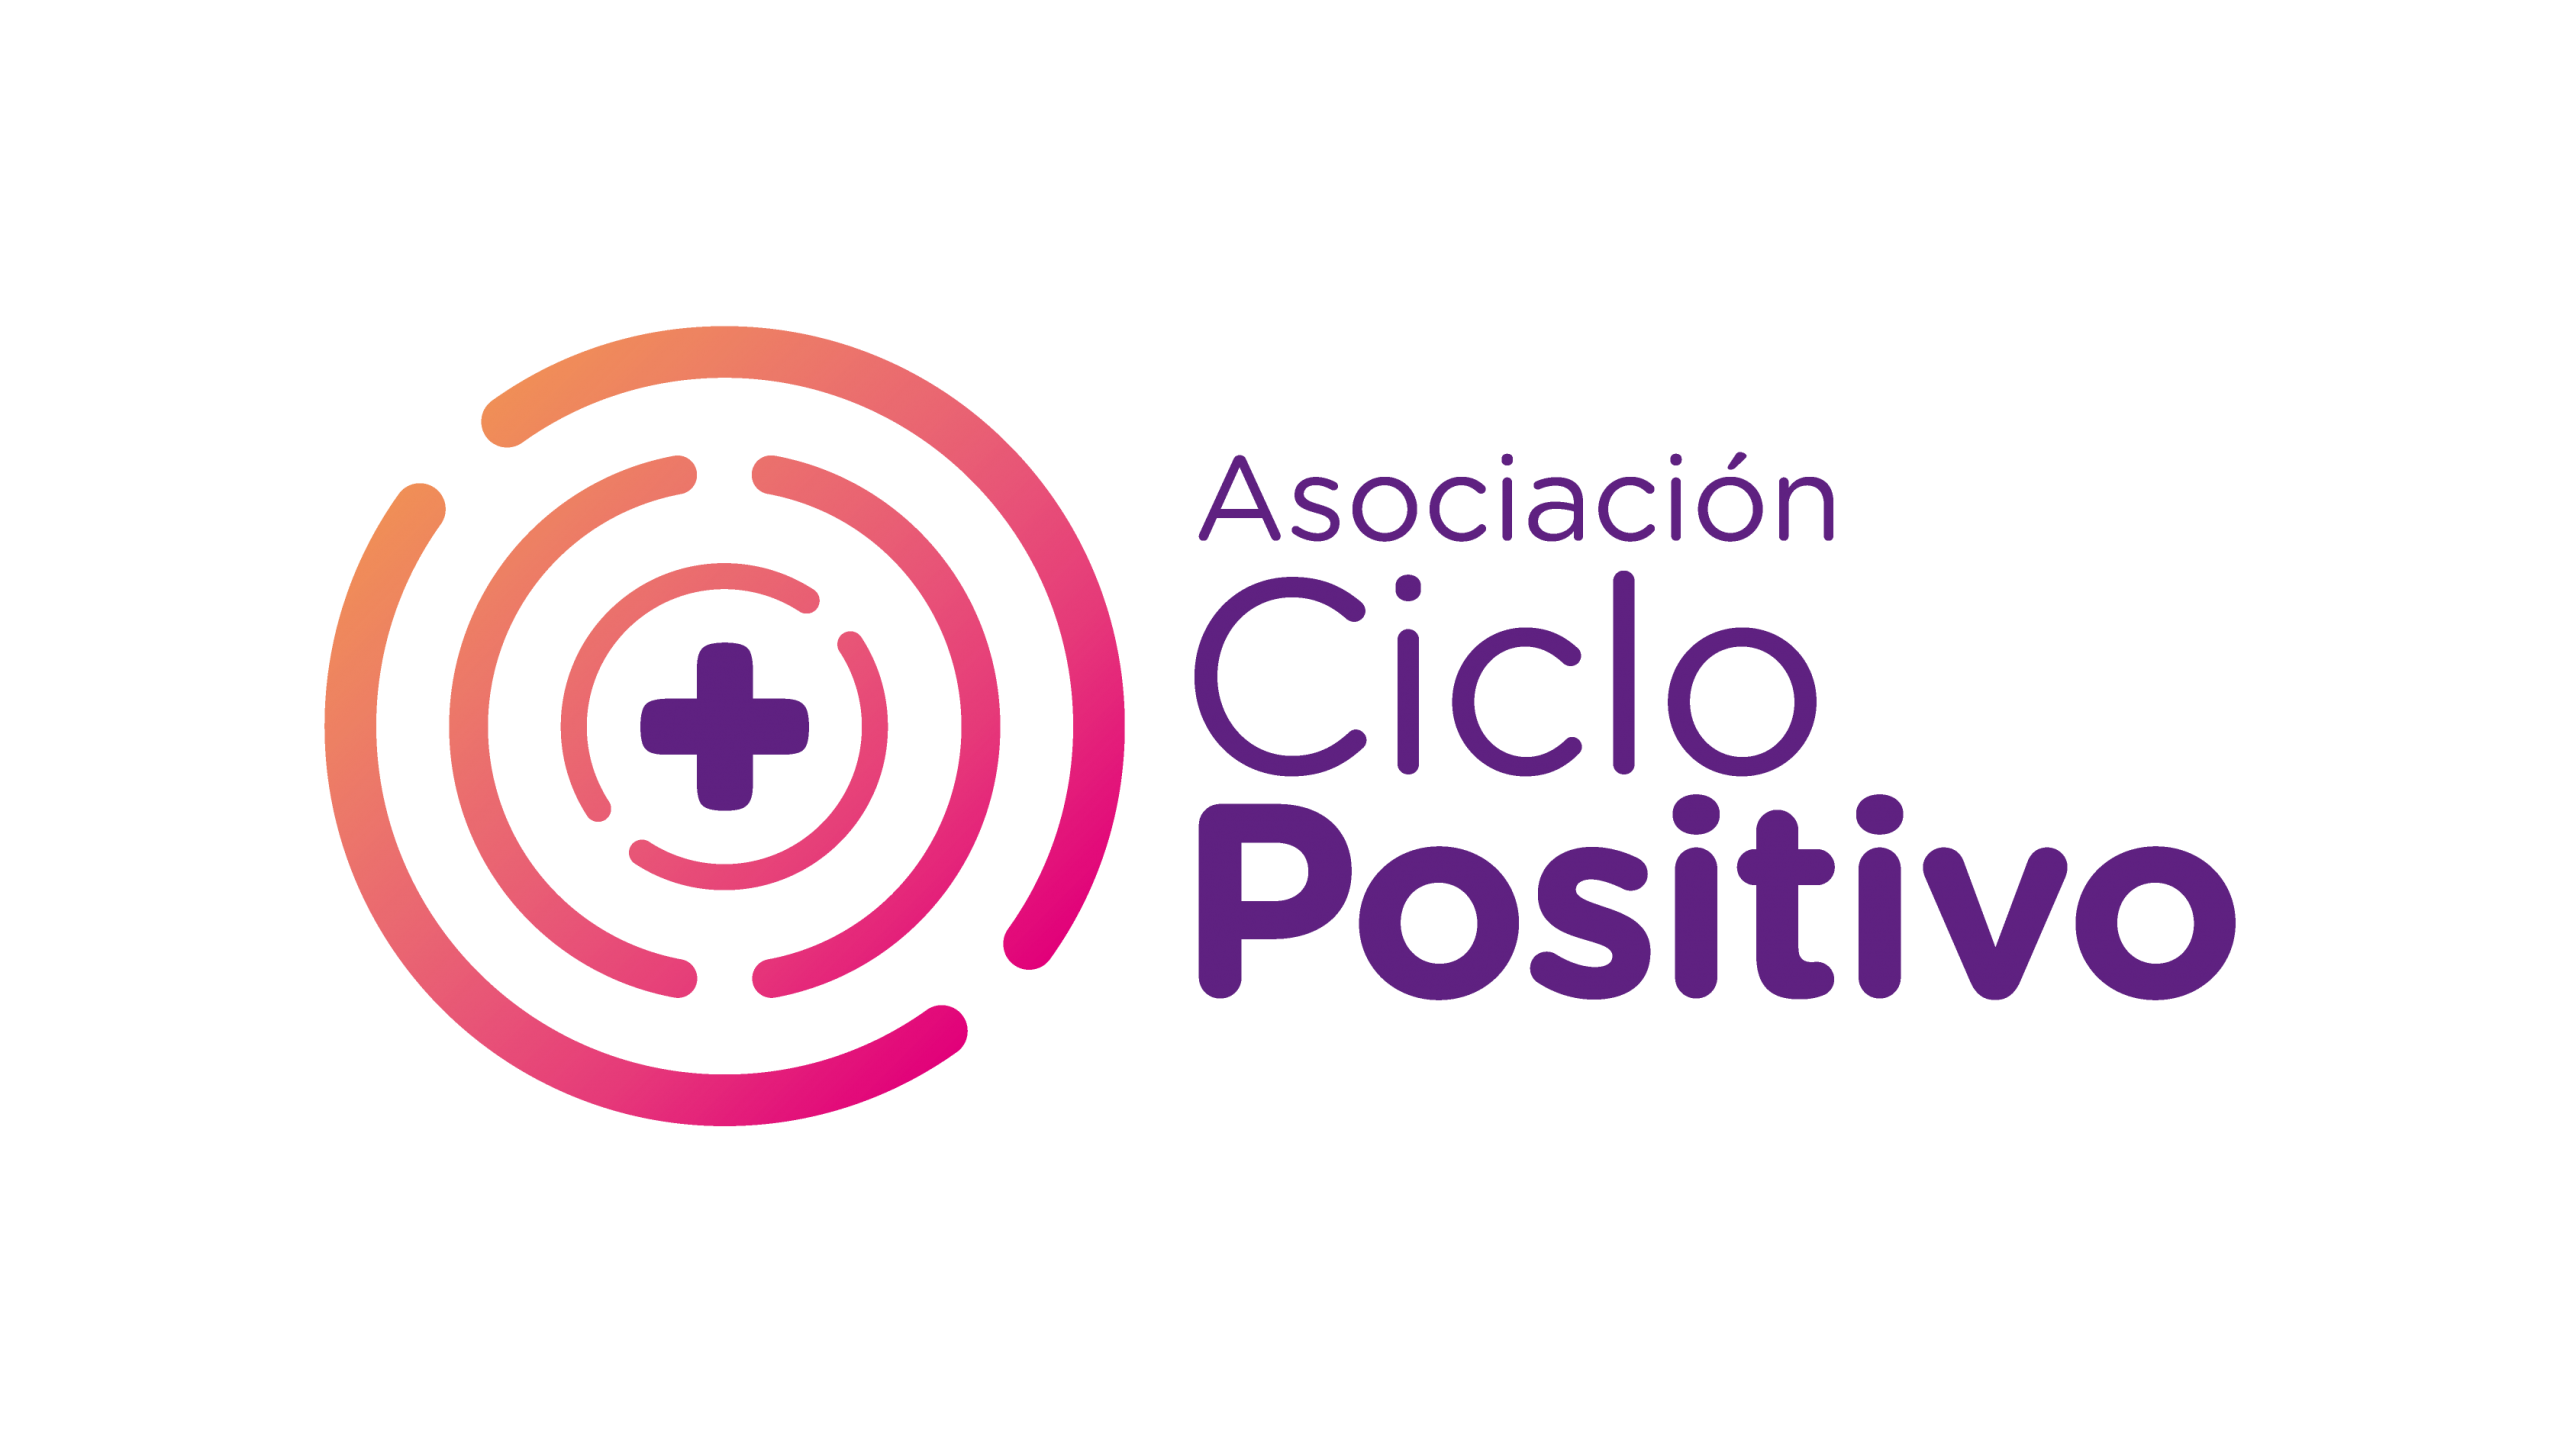 Asociación Ciclo Positivo